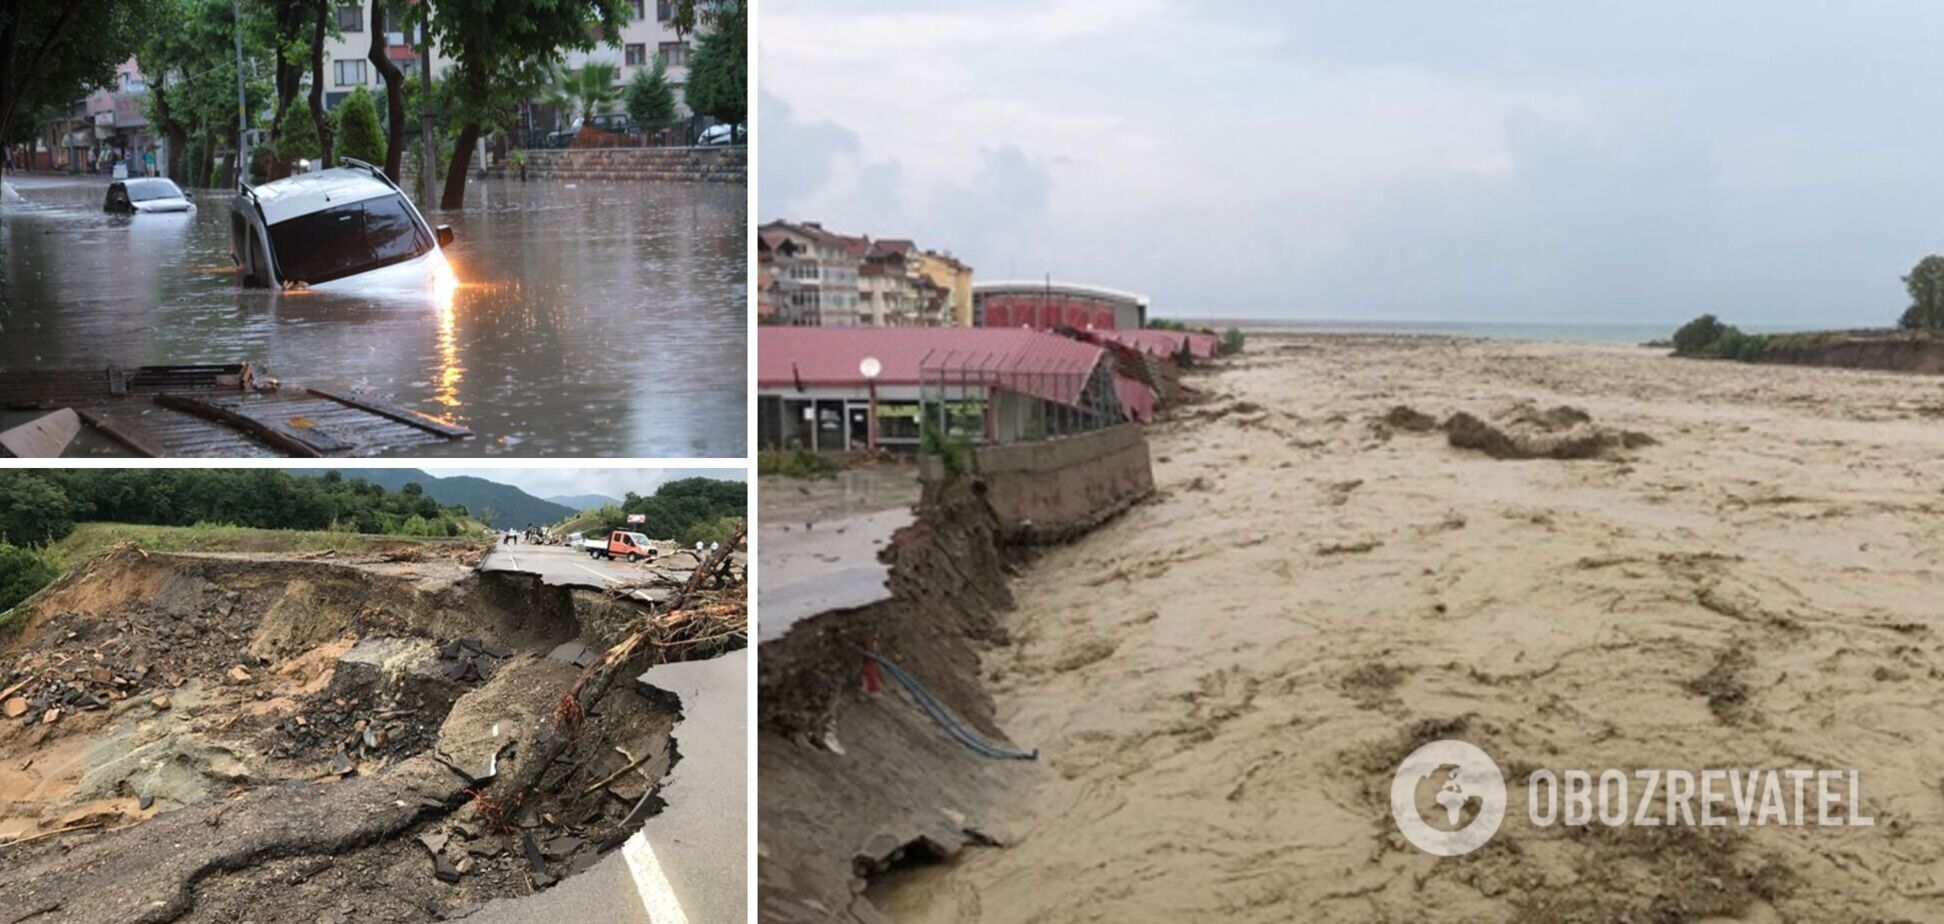 У Туреччині потужні повені зруйнували дороги і мости, загинули десятки людей. Фото і відео